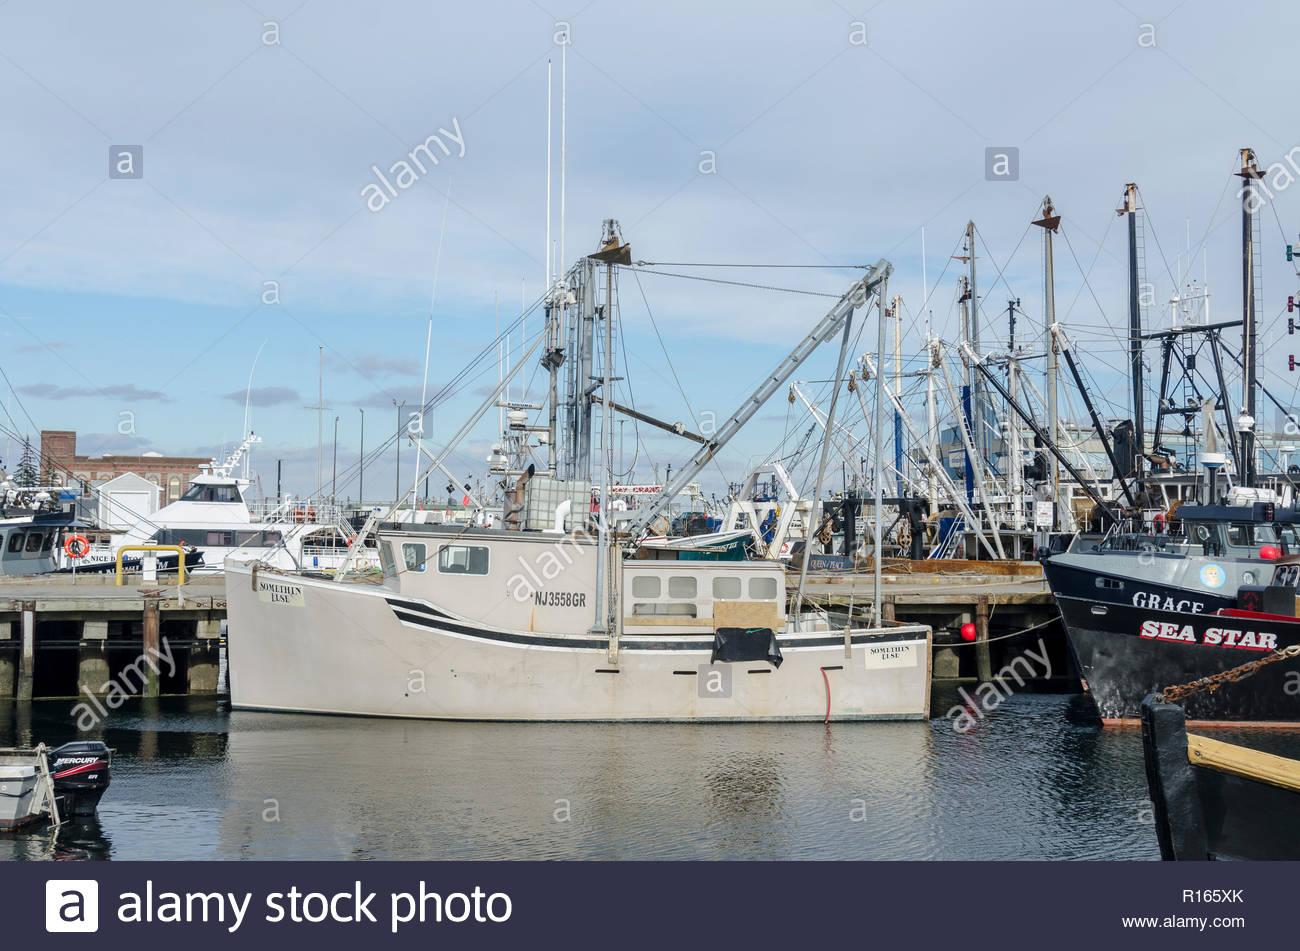 New Bedford, Massachusetts, USA - December 26, 2017: New Jersey-based fishing boat Somethin Else docked in New Bedford harbor - Stock Image